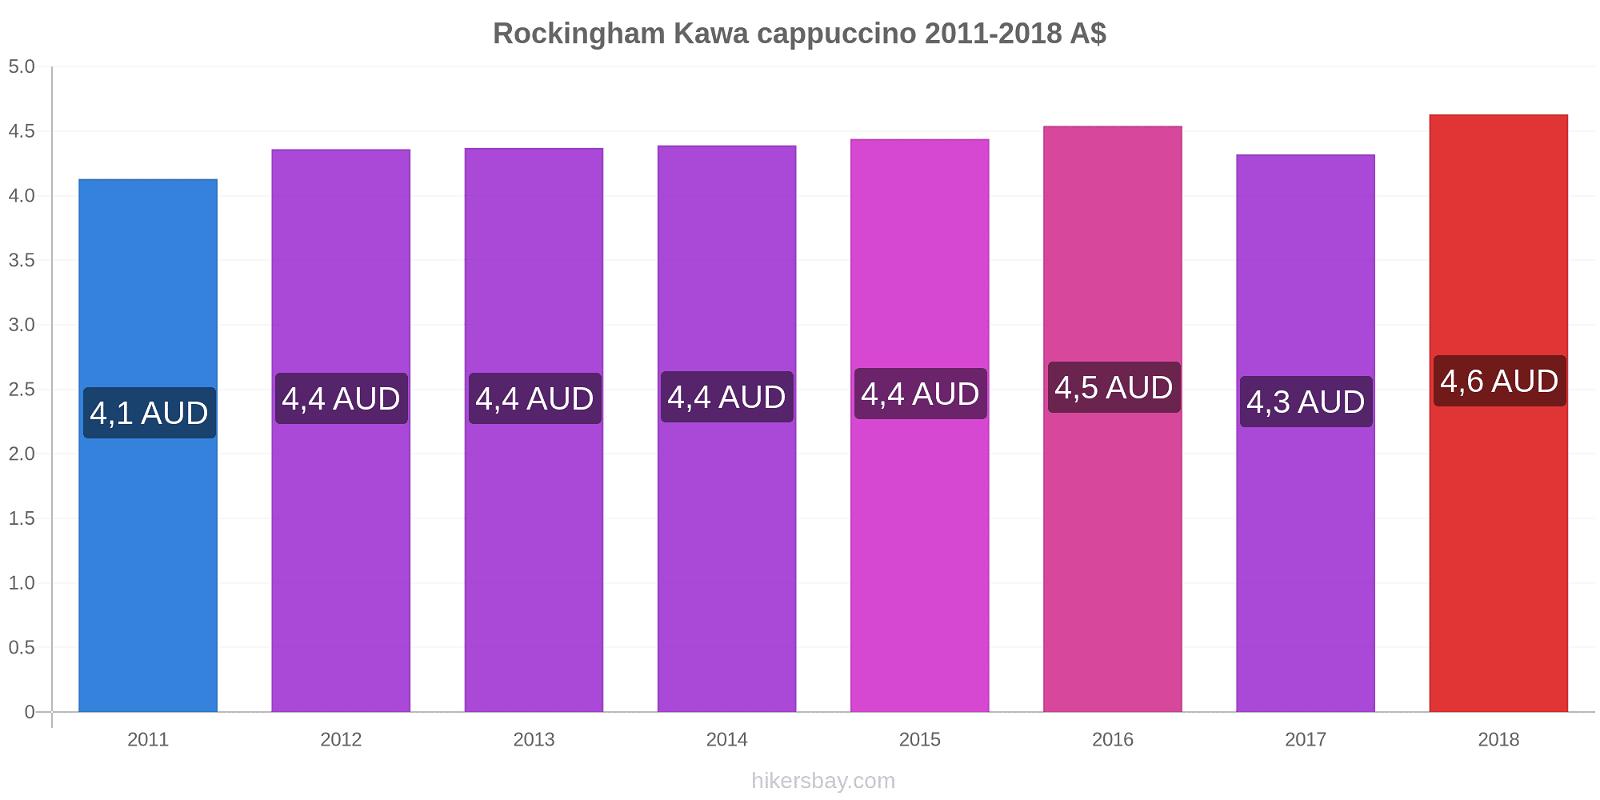 Rockingham zmiany cen Kawa cappuccino hikersbay.com